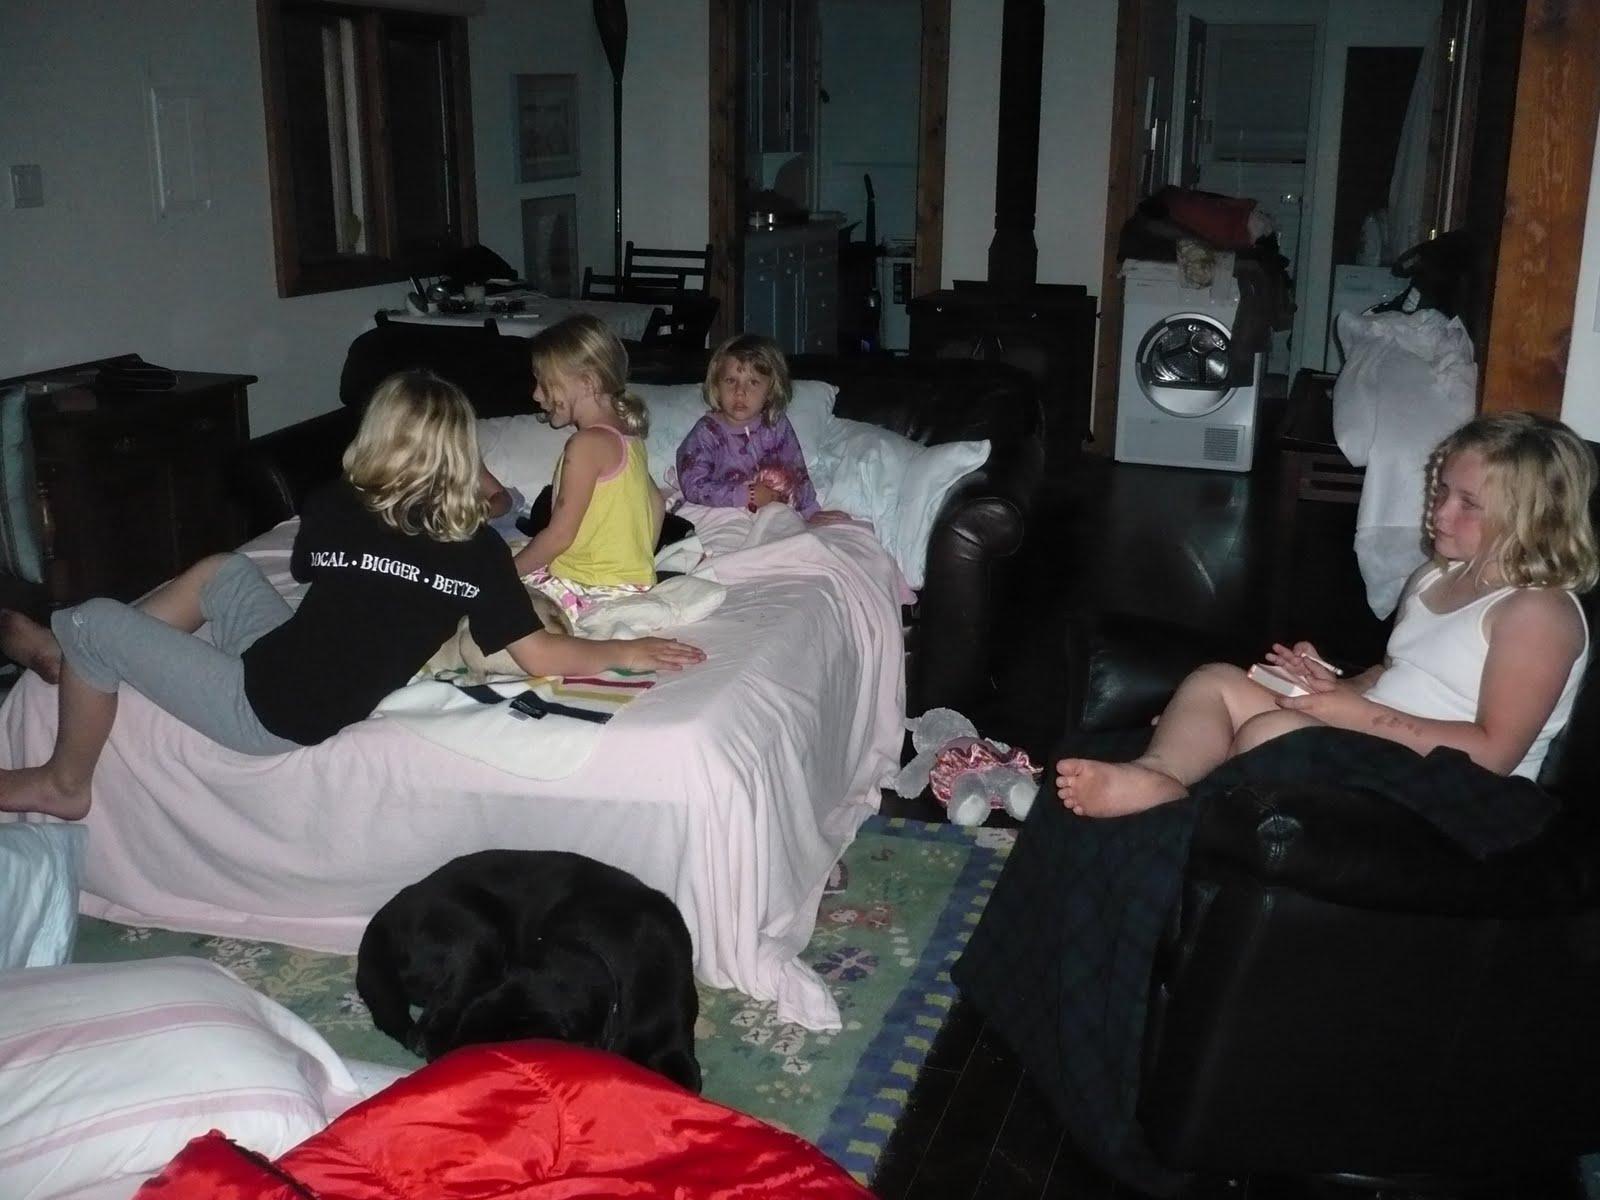 Sleep Over Parenting Fail